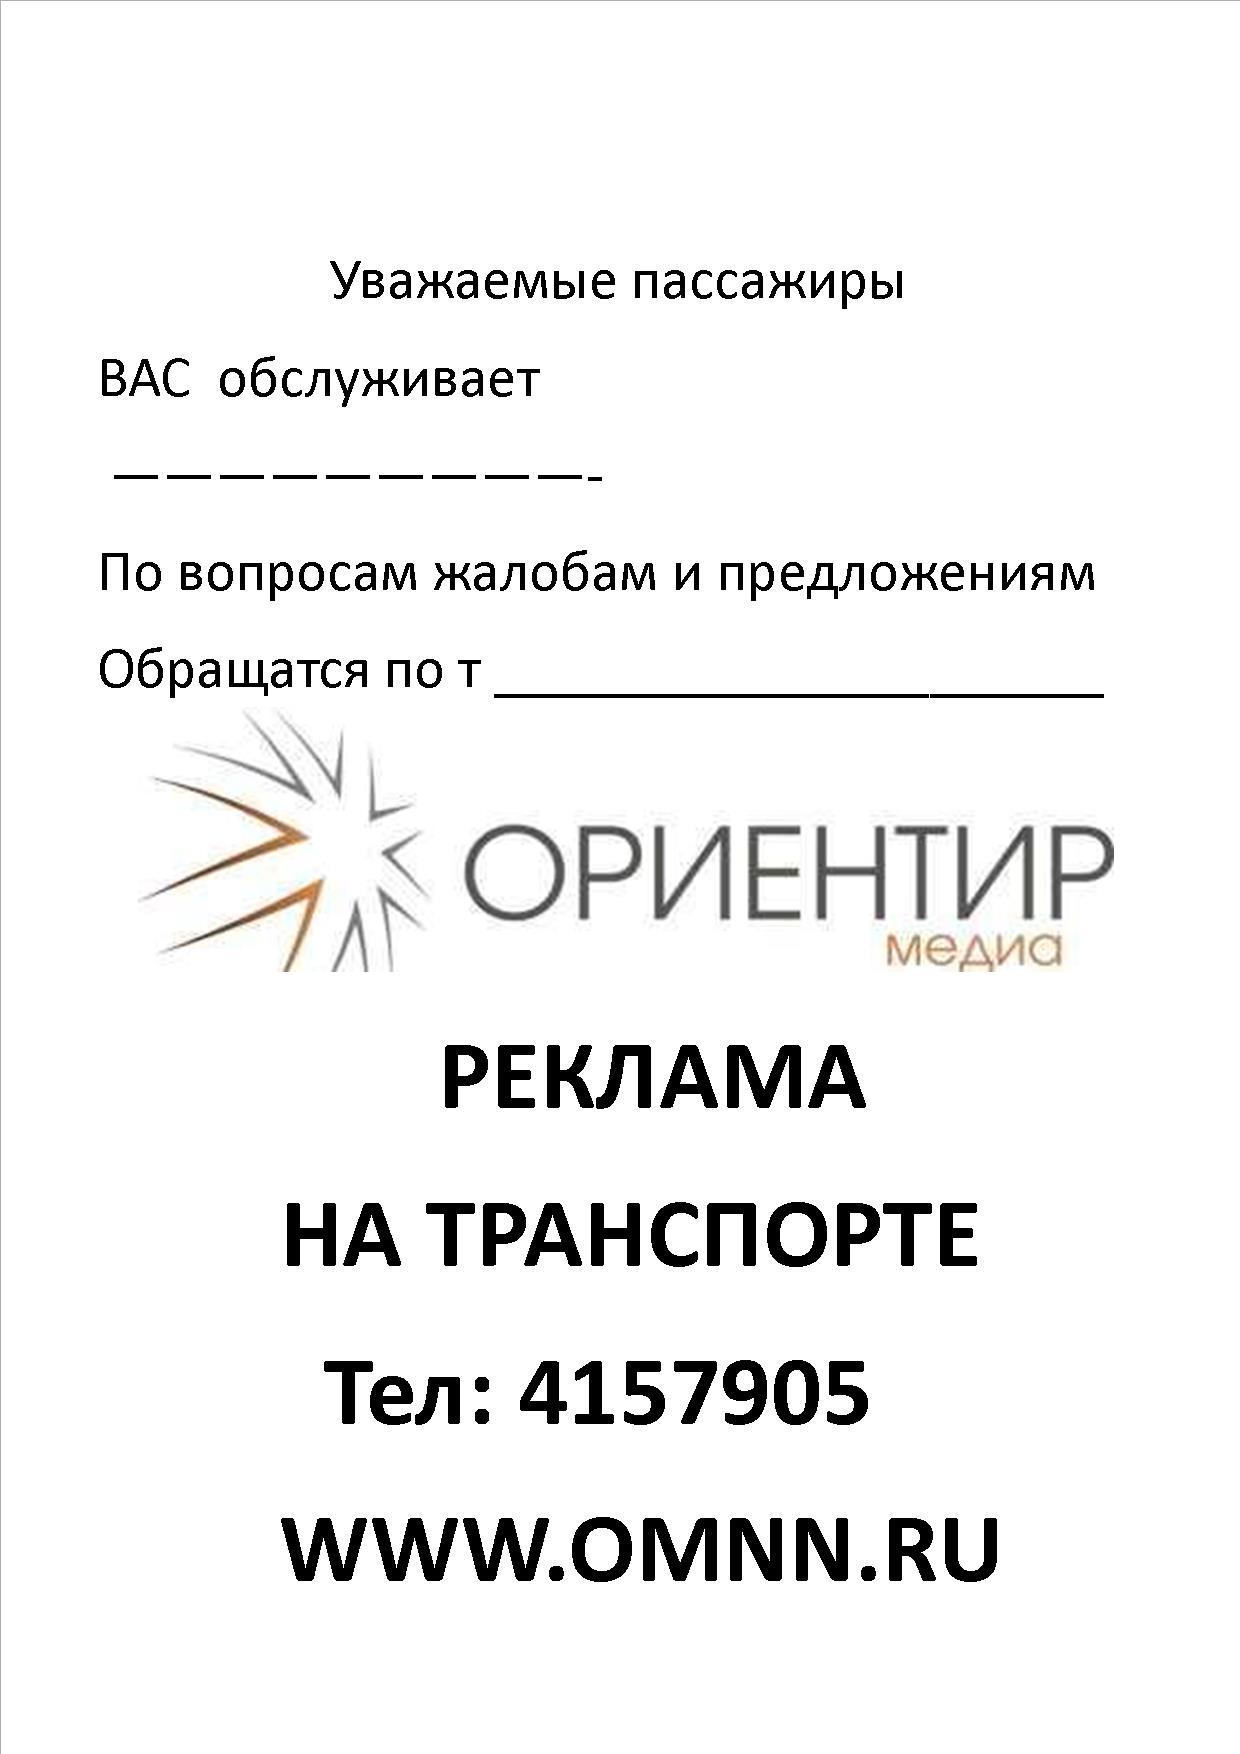 Для перевозчиков и владельцев маршрутных такси